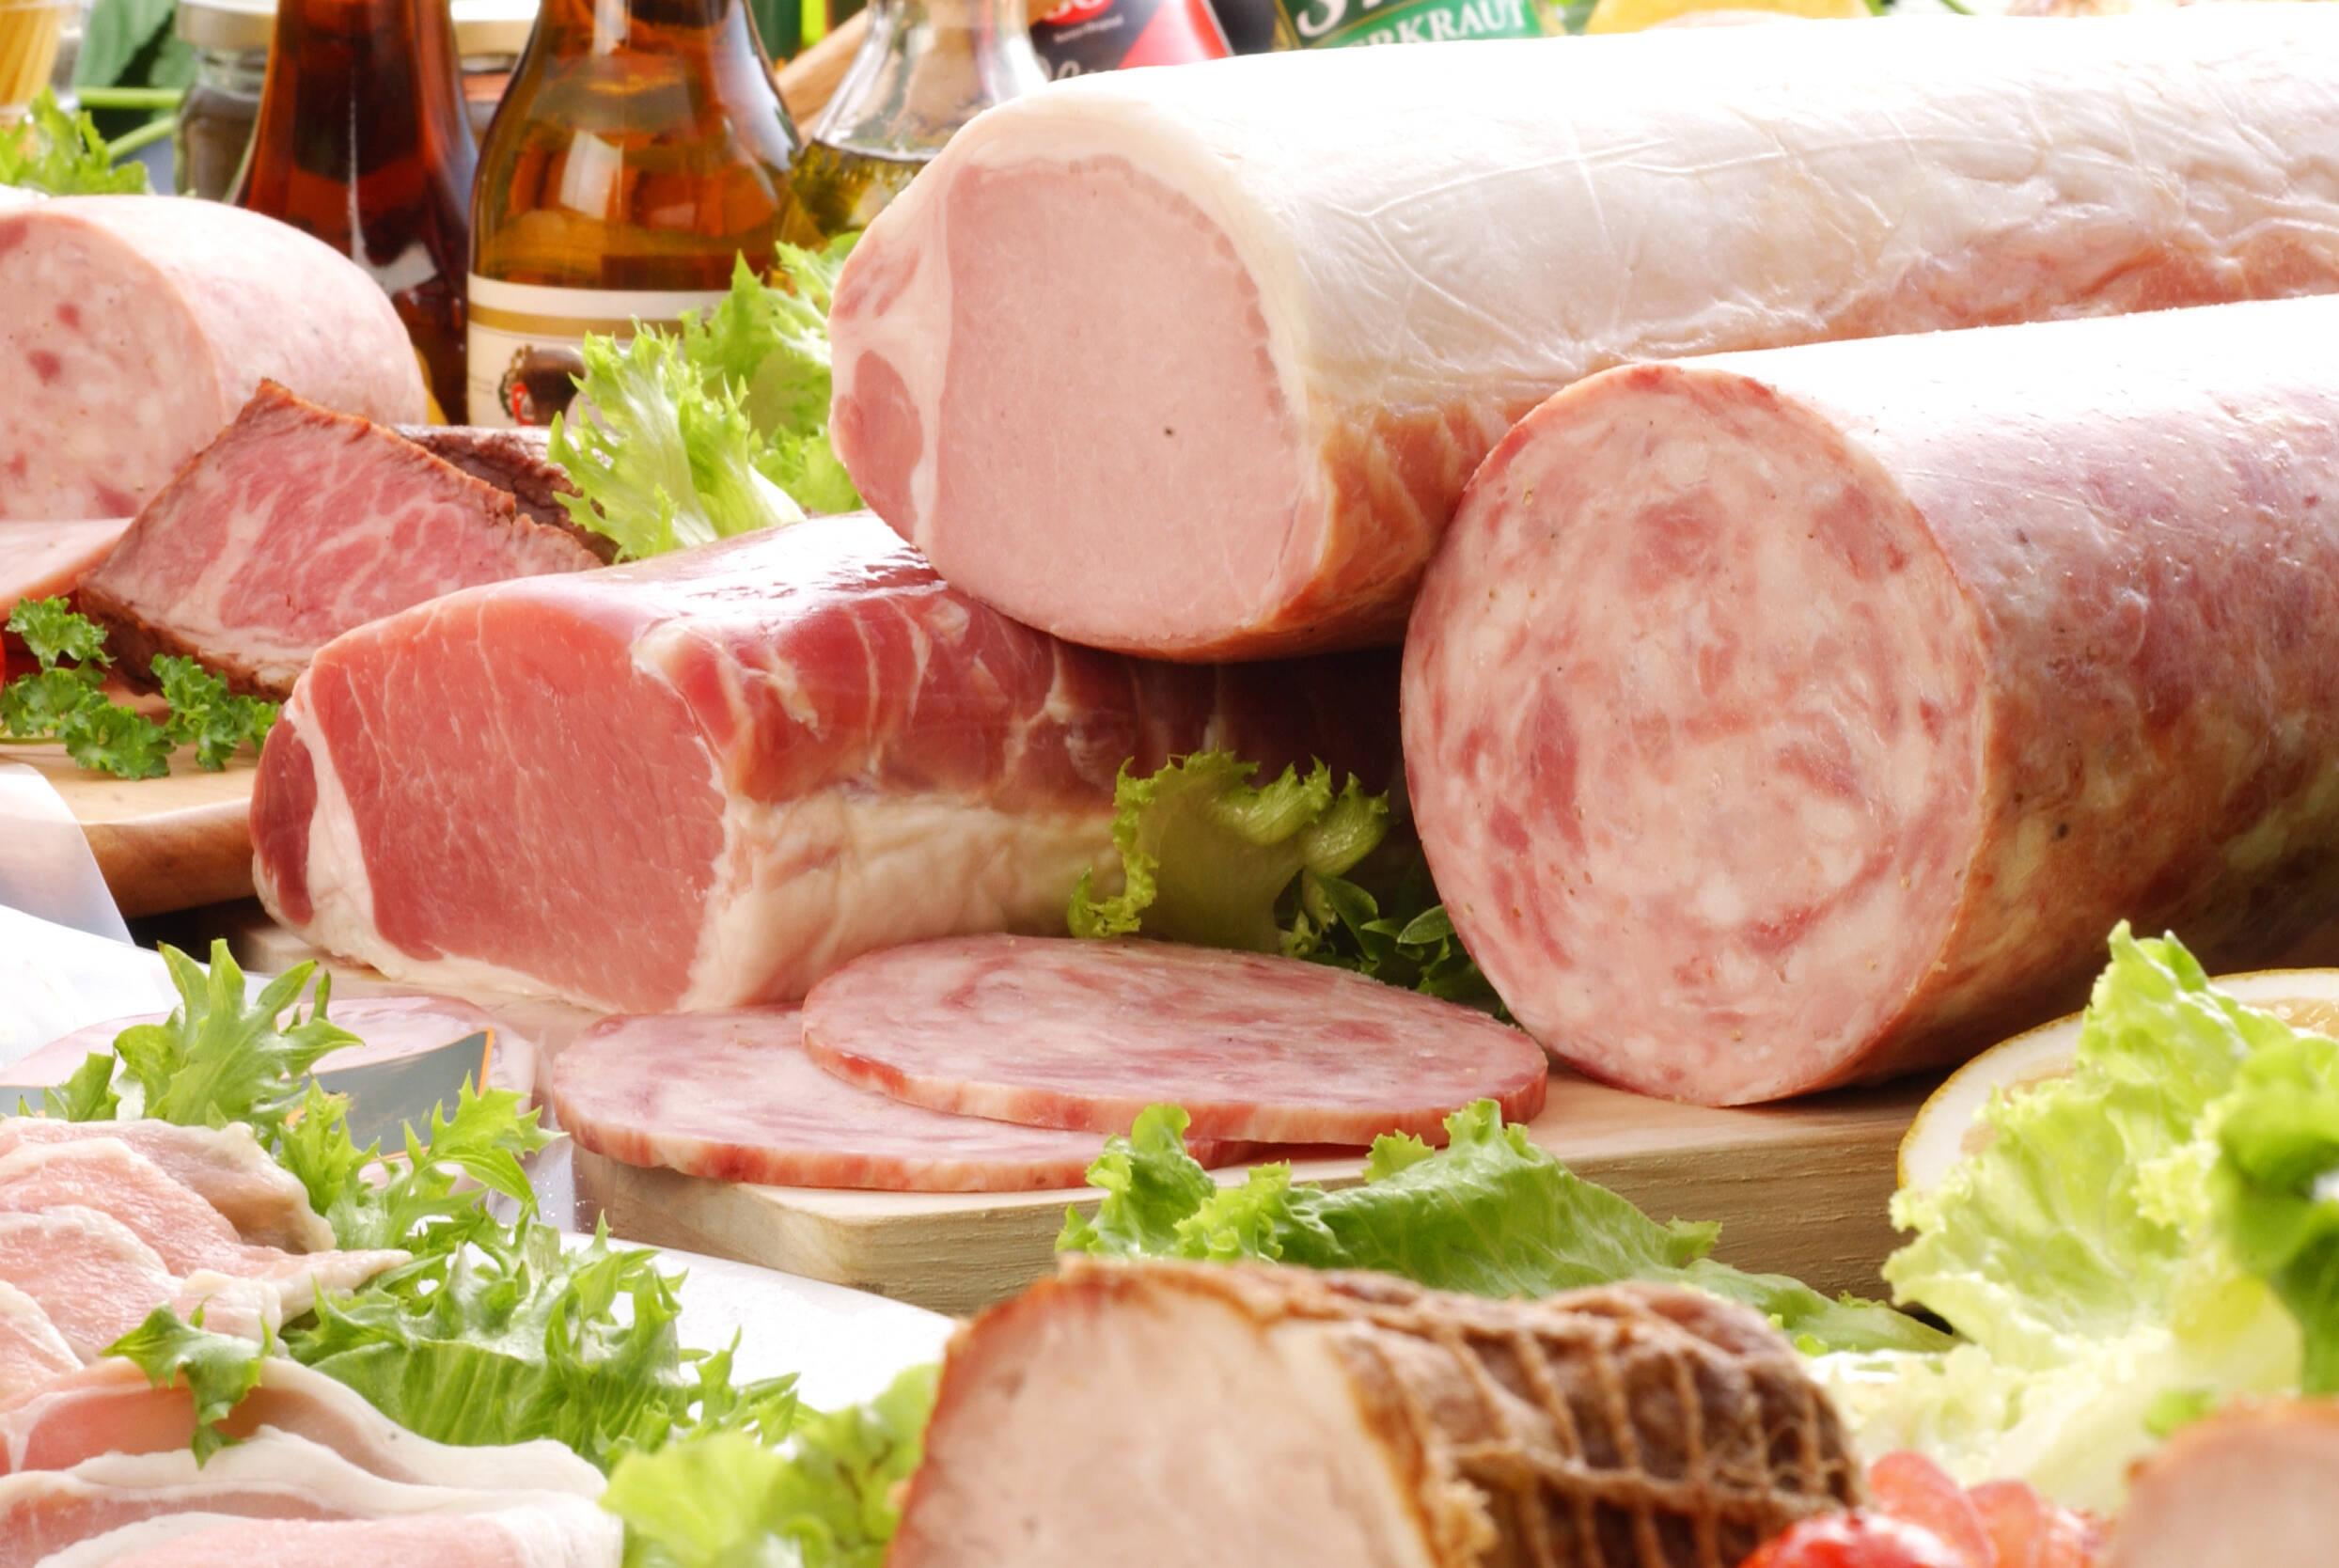 Carnes processadas também podem fazer mal à saúde. Foto: shutterstock